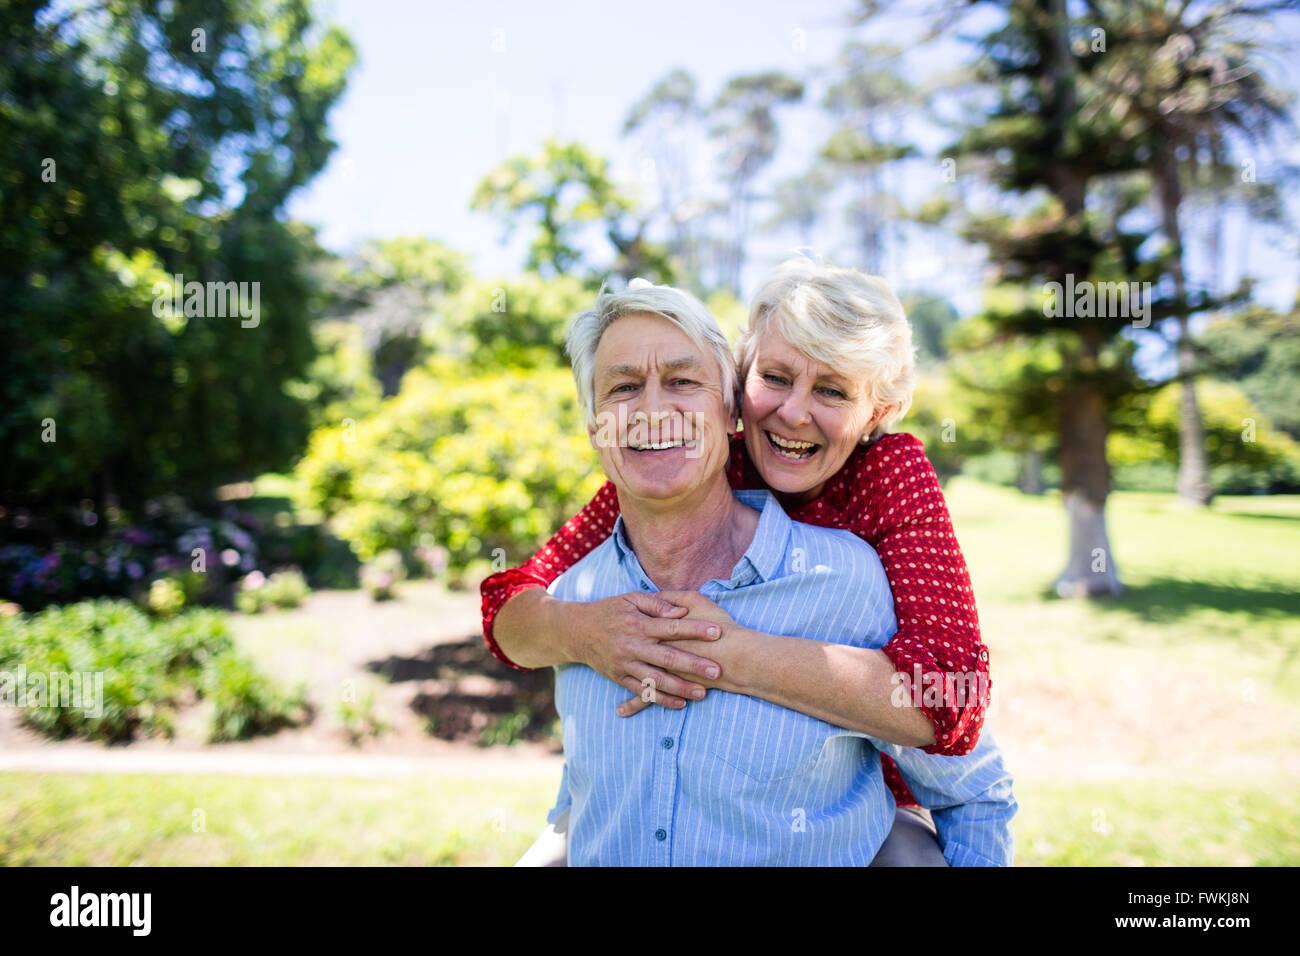 Gerne älterer Mann, ein piggy Zurück zu ältere Frau Stockbild